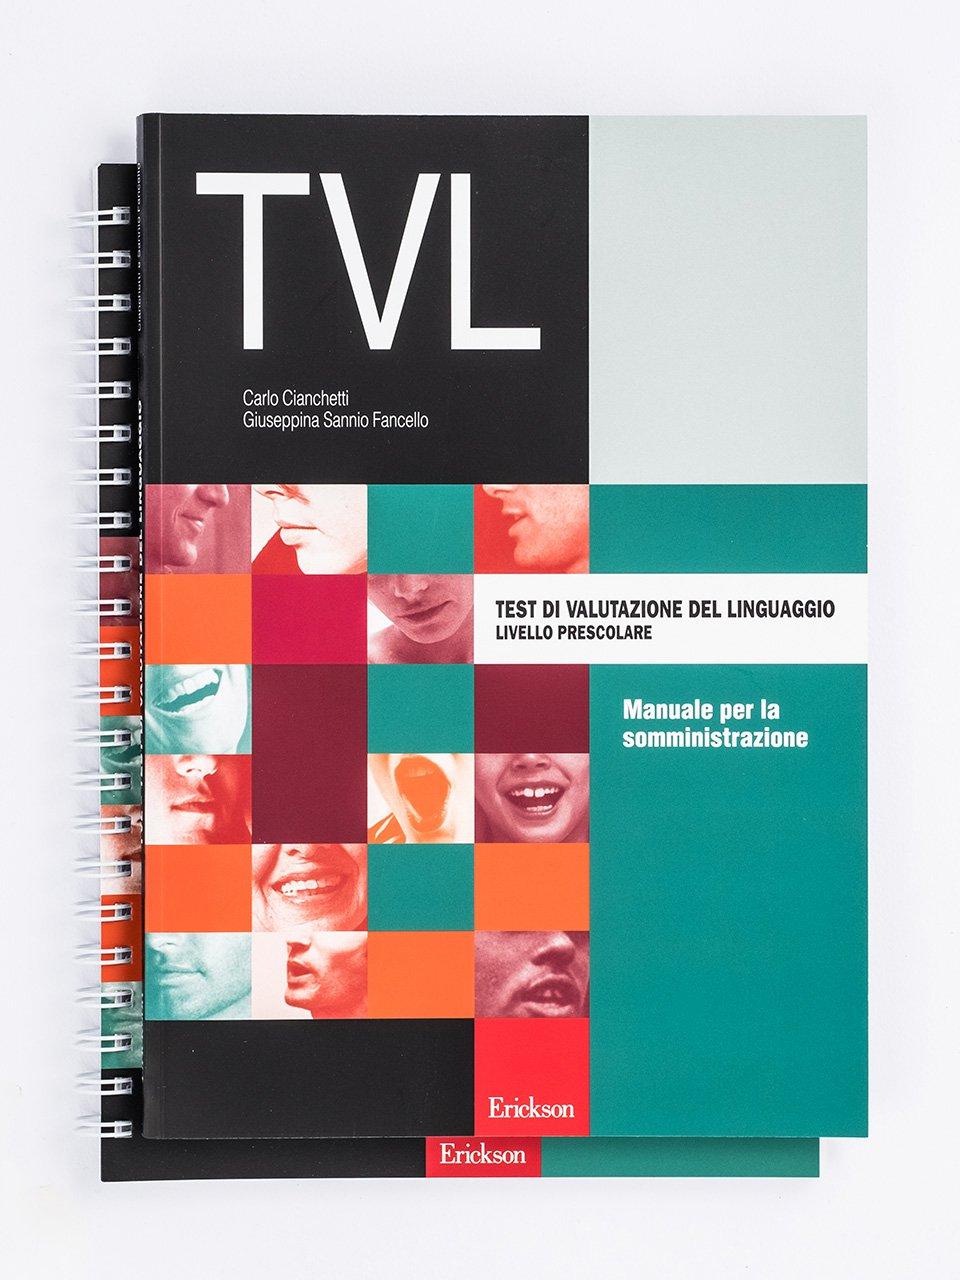 Test TVL - Valutazione del linguaggio - Libri - Strumenti - Erickson